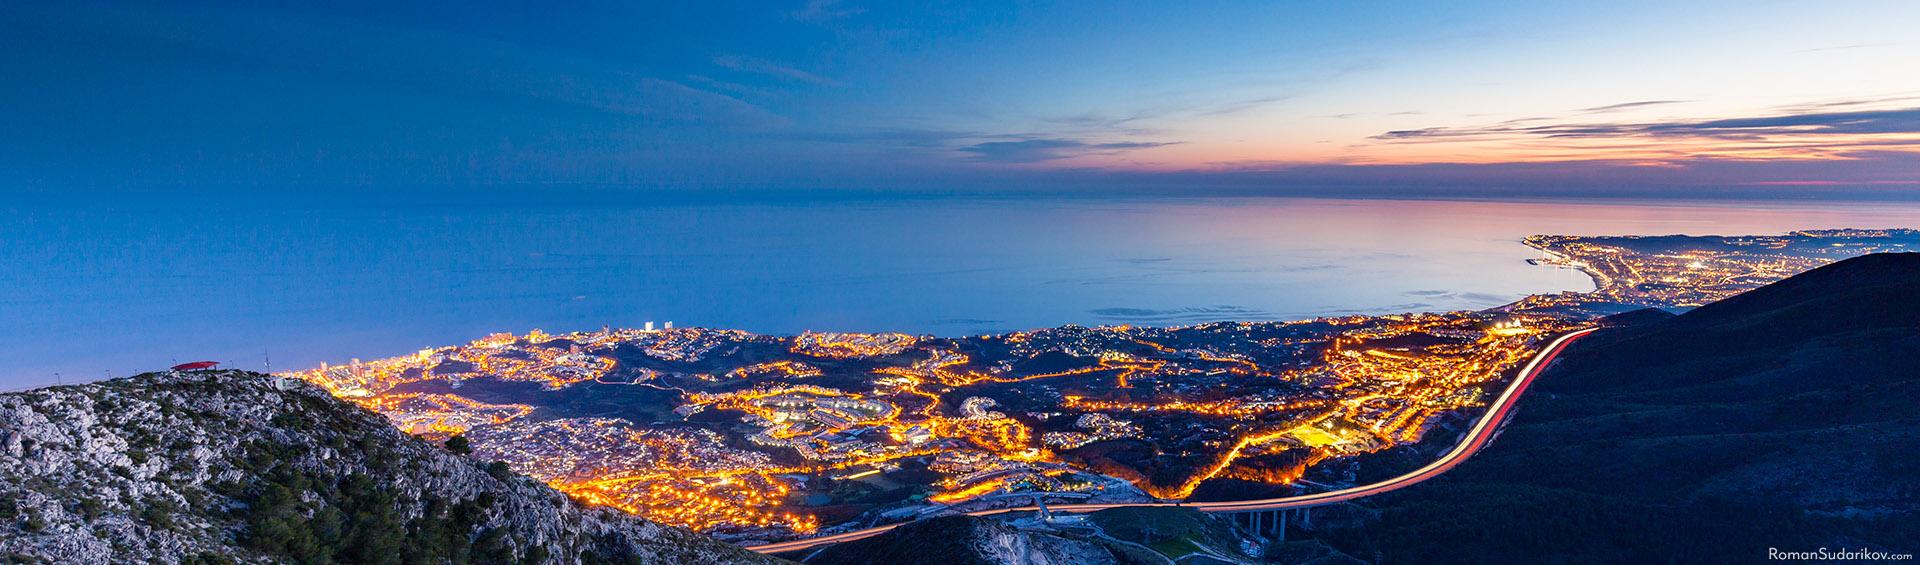 Огни ночной Бенальмадены. Фотография заснята с вершины горы Каламорро. Коста дель Соль, Испания.